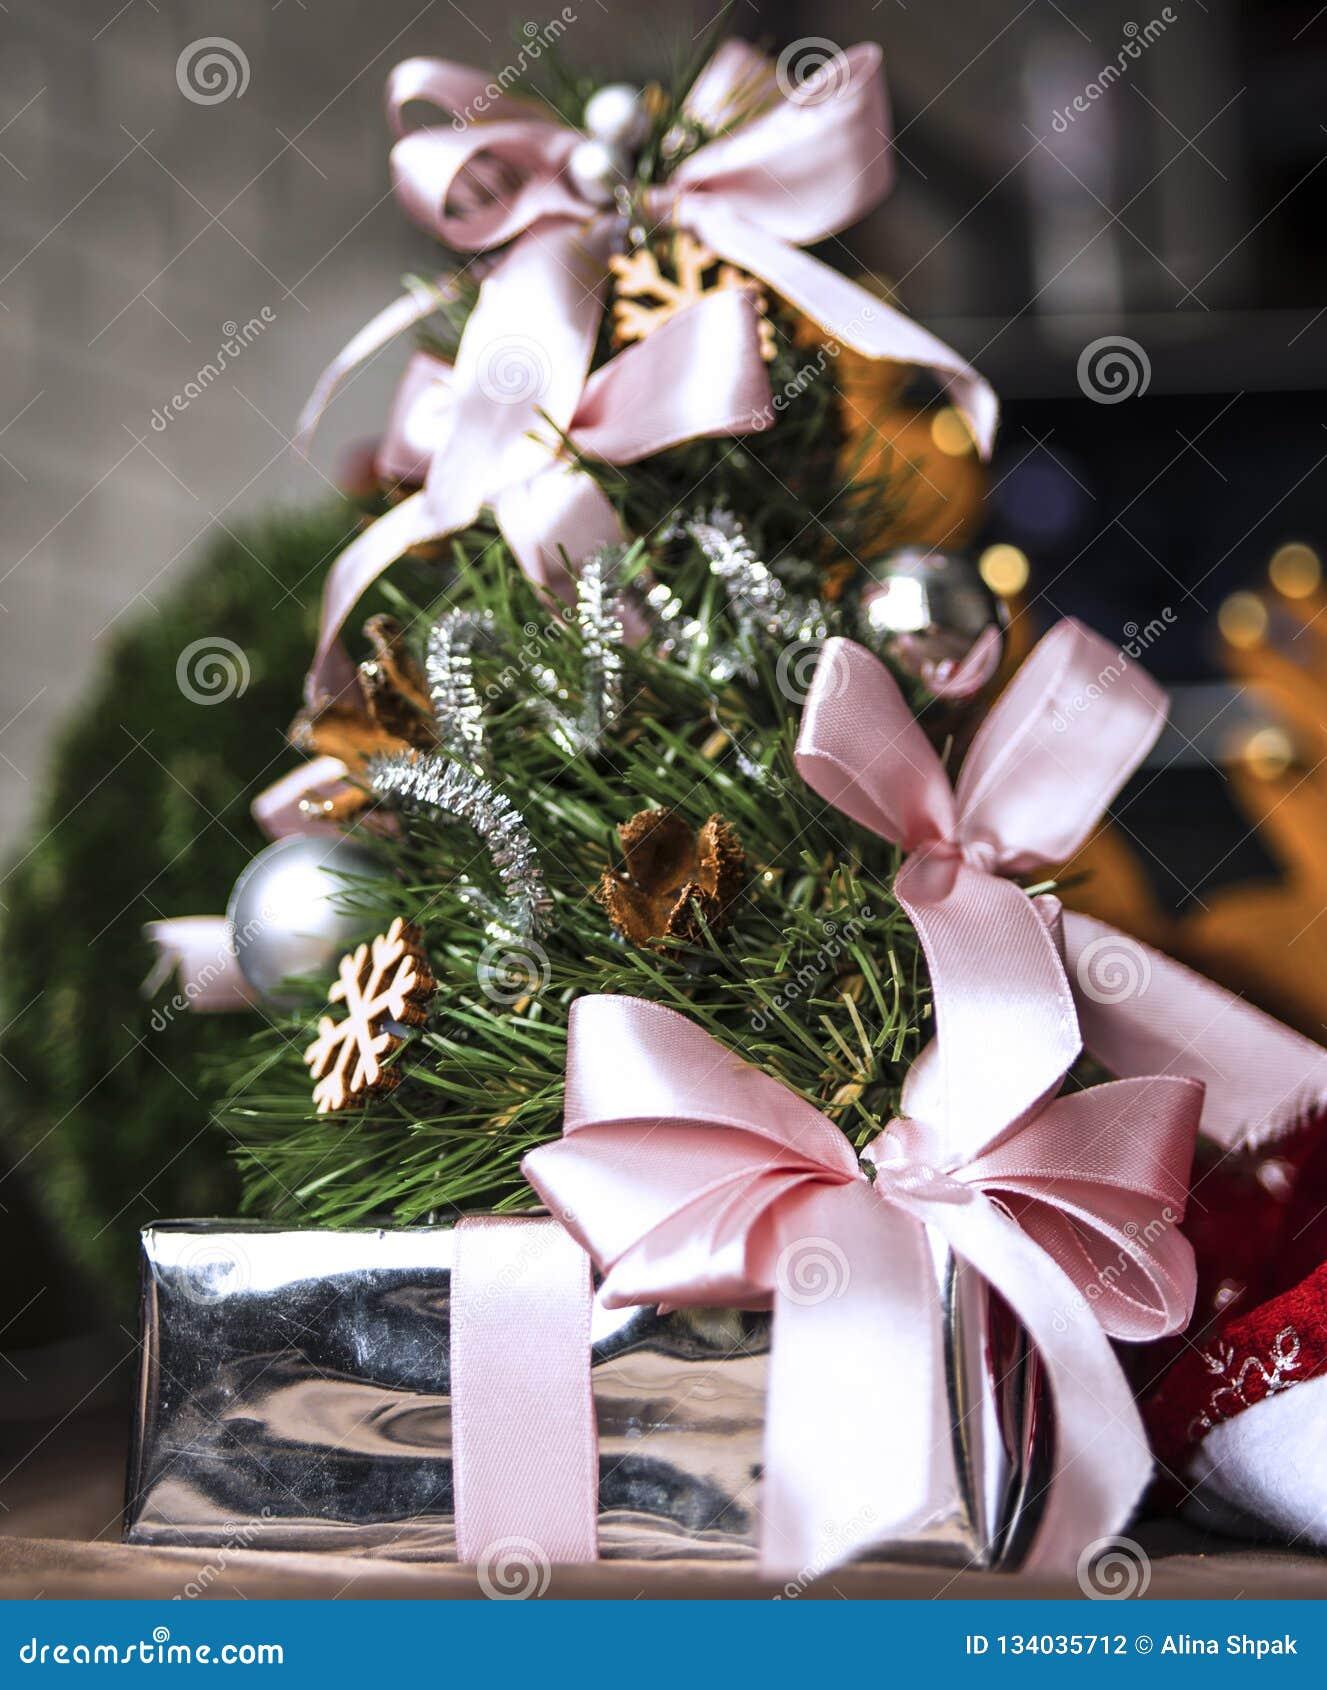 Праздничное фото рождества в домашнем интерьере